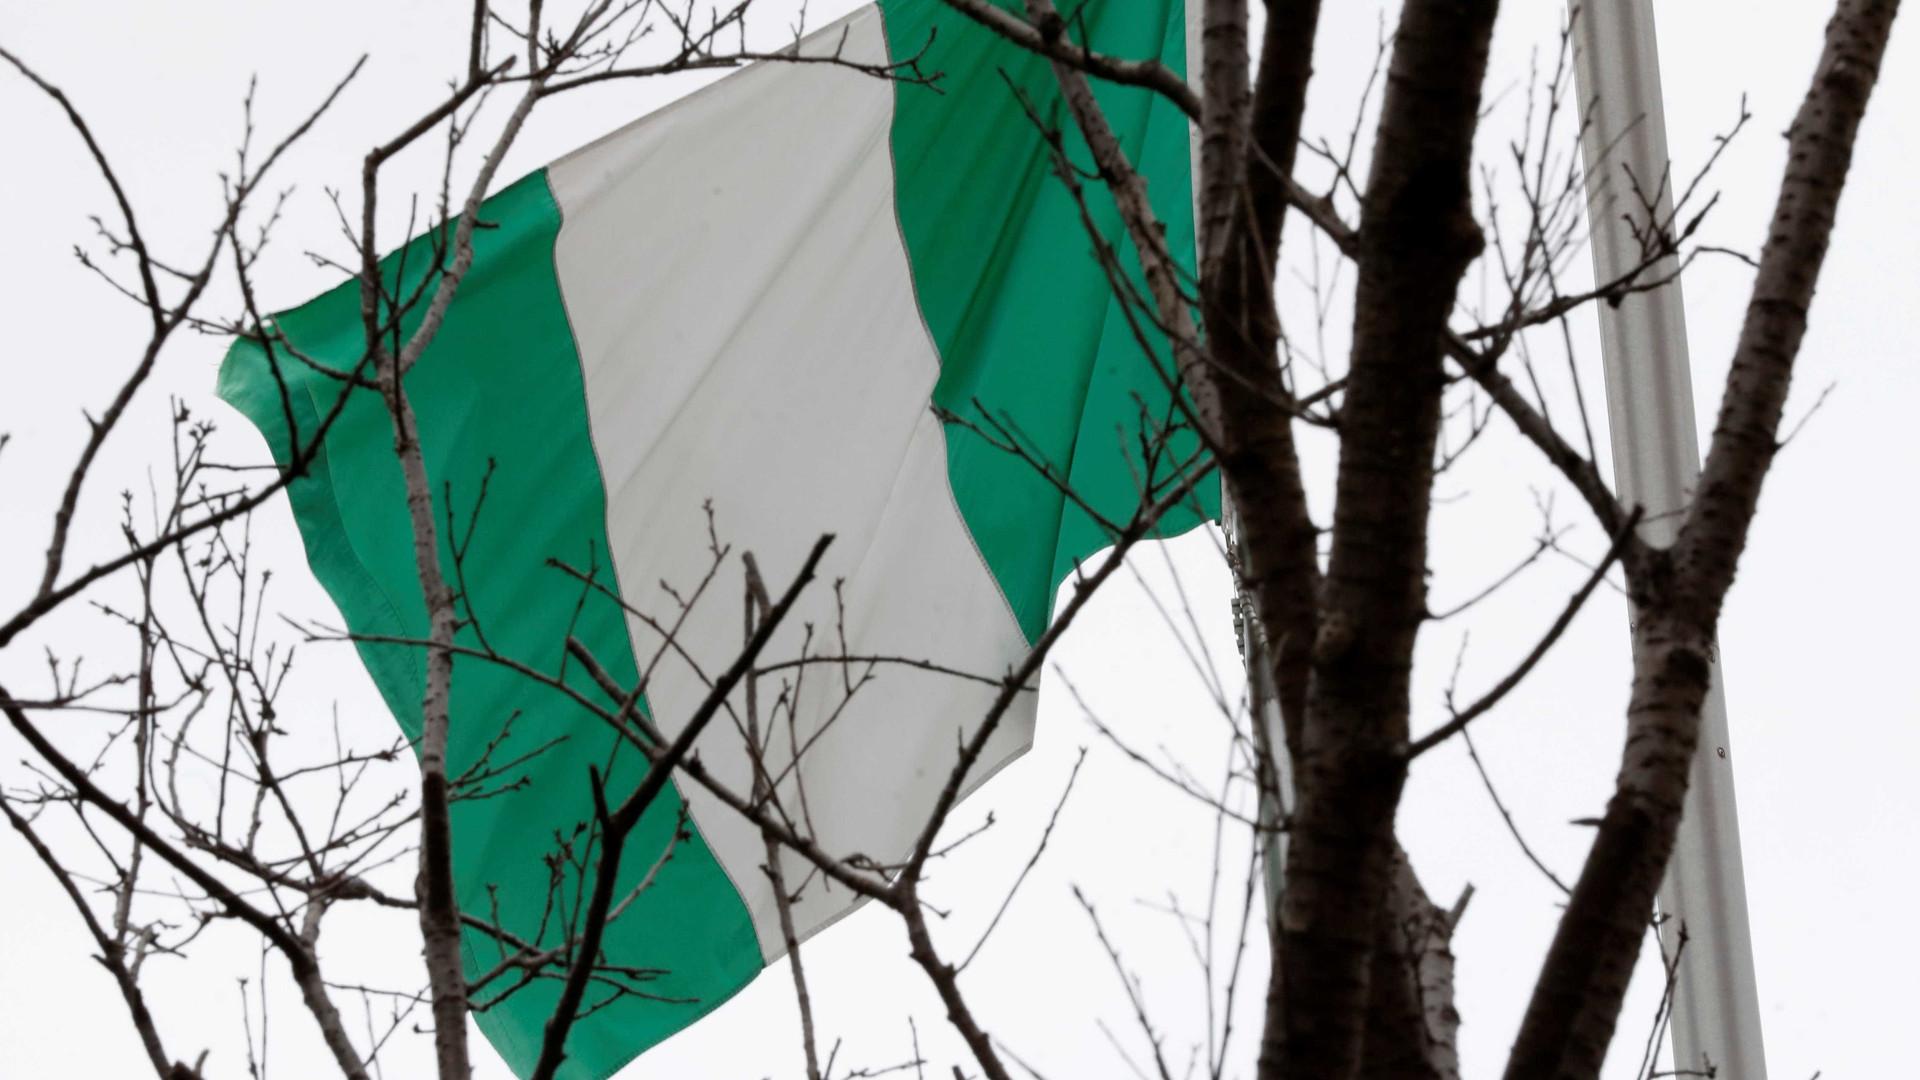 Sete mortos devido a queda de cabo elétrico no sul da Nigéria